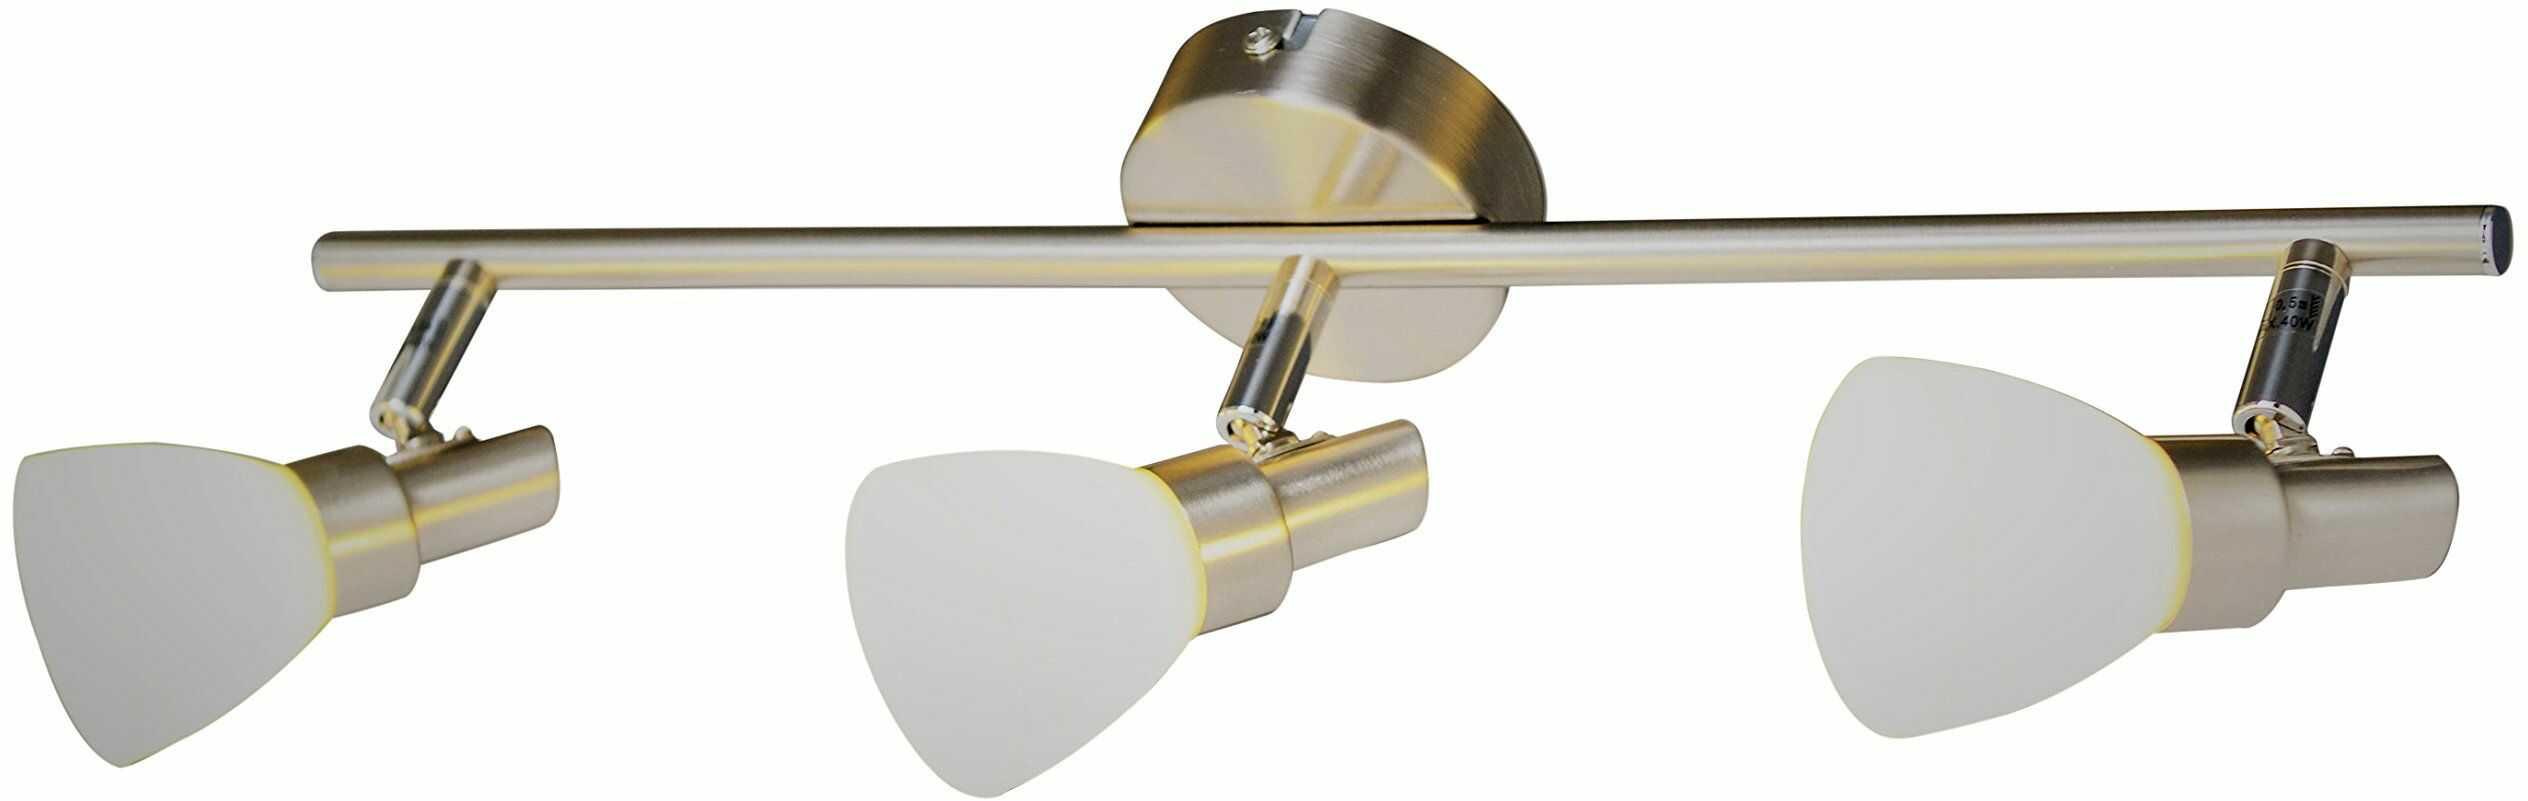 Näve Leuchten 3-częściowy kinkiet punktowy lampa sufitowa LED Shine, metal, stal, 47,5 x 8 x 12 cm